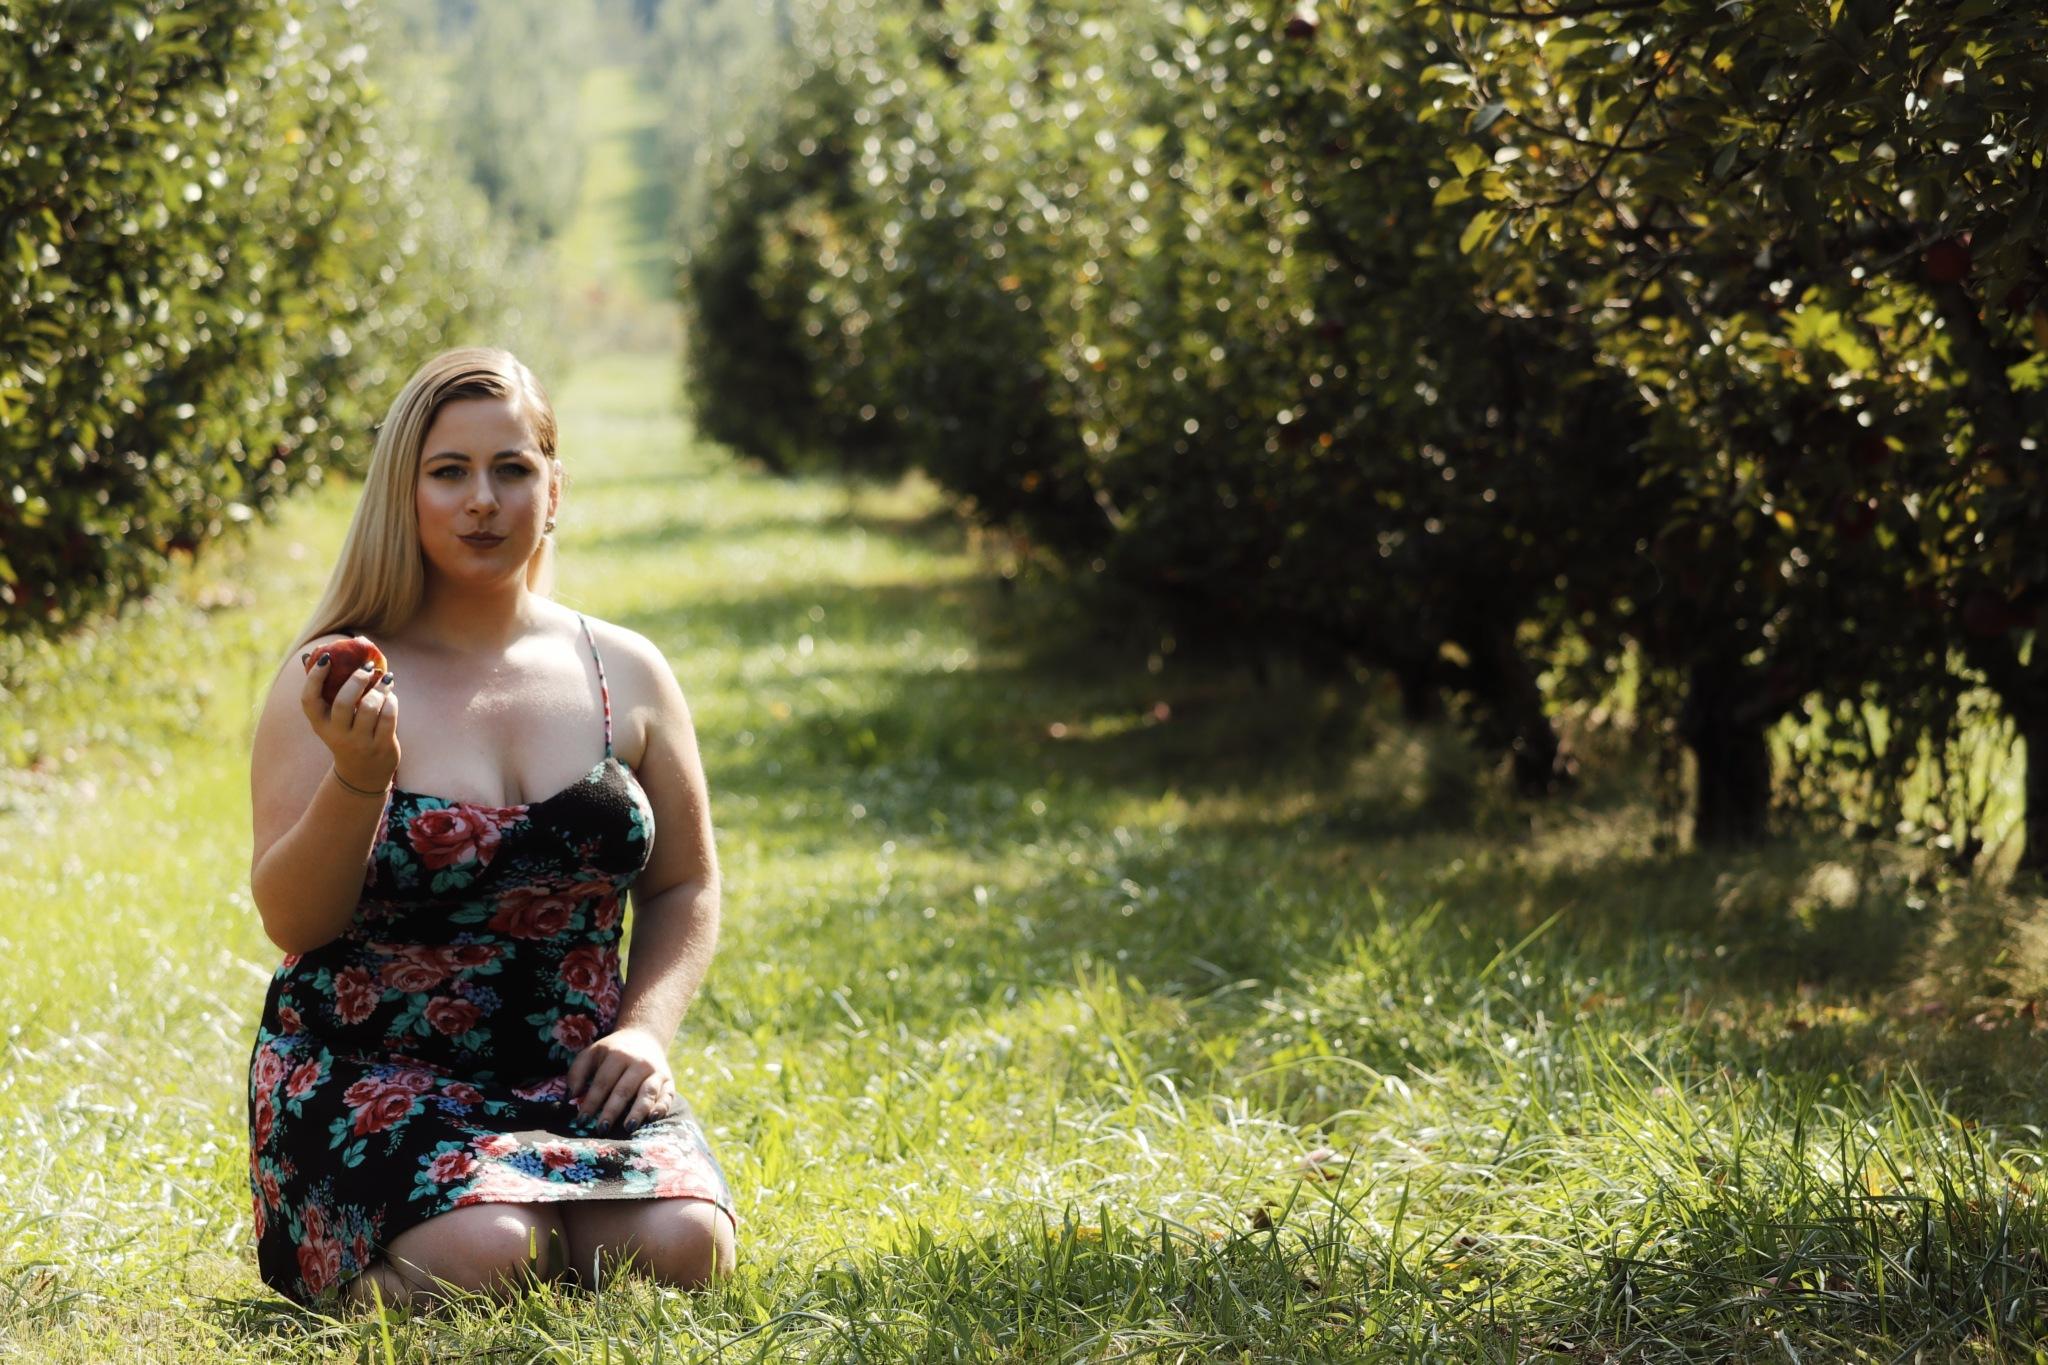 Apples by Wyatt Elkins